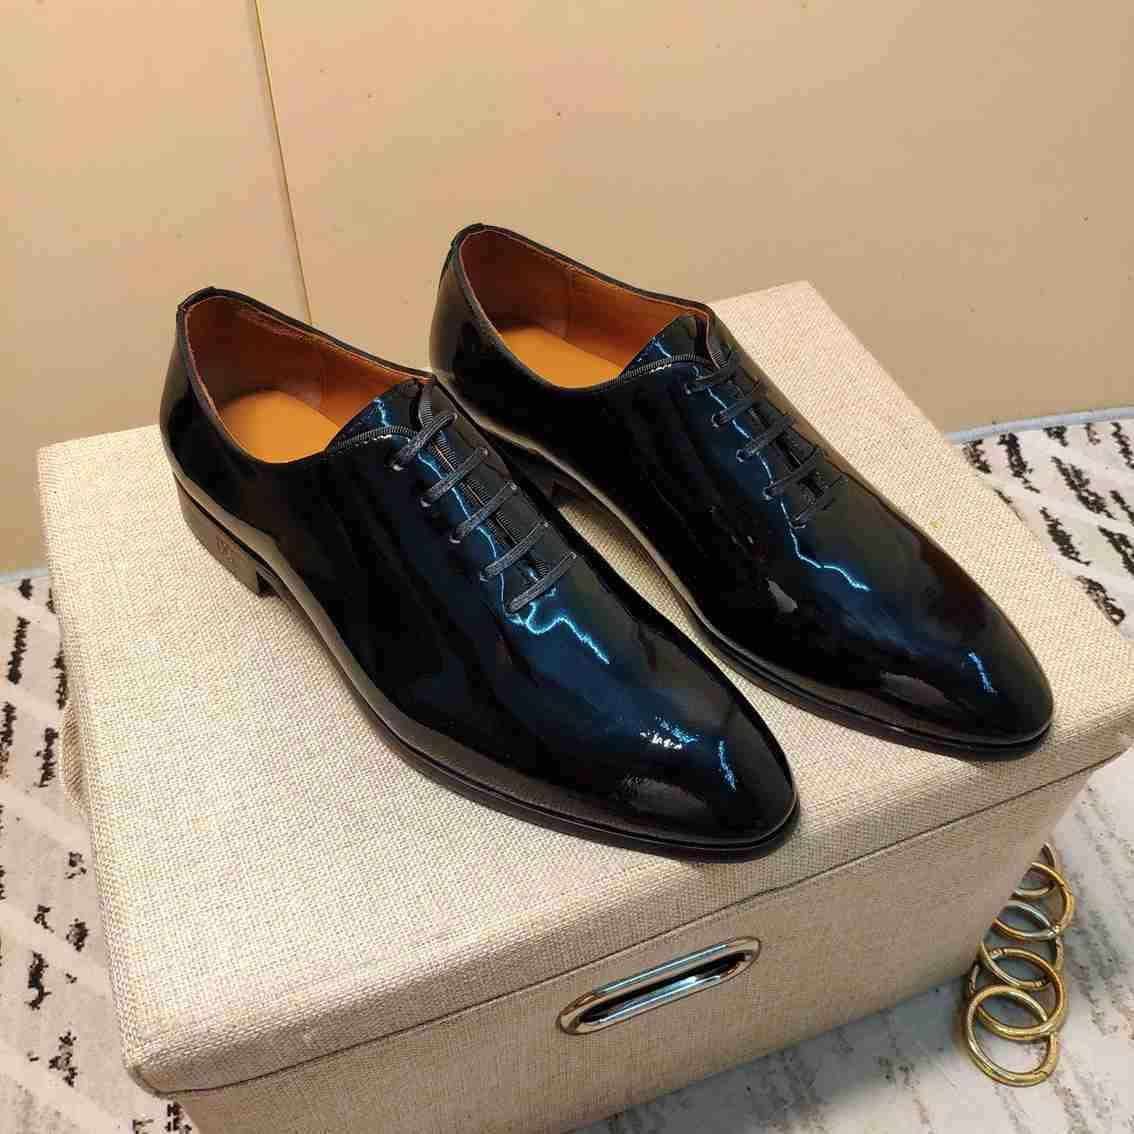 2020 neuen Männer Qualität beiläufige schnüren sich oben niedrige Ferse-Schwarz-Leder flache Unterseite Partykleid Schuhe 121501